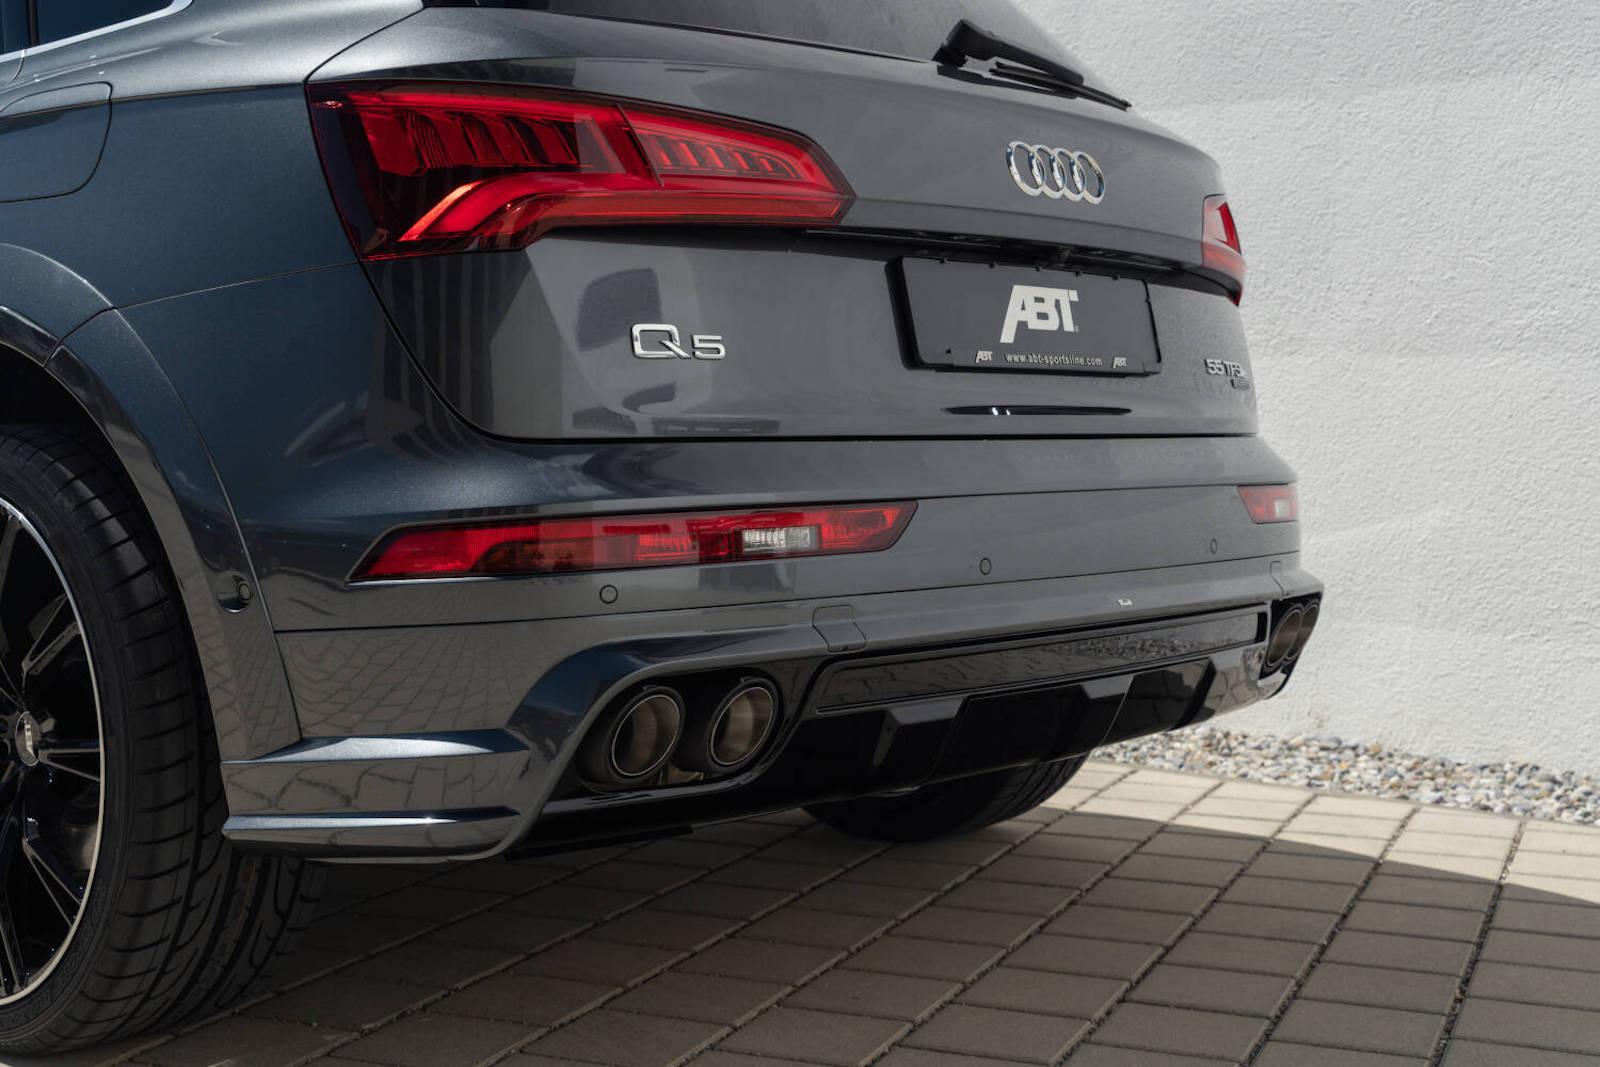 Audi Q5 55 Tsfie Abt 3